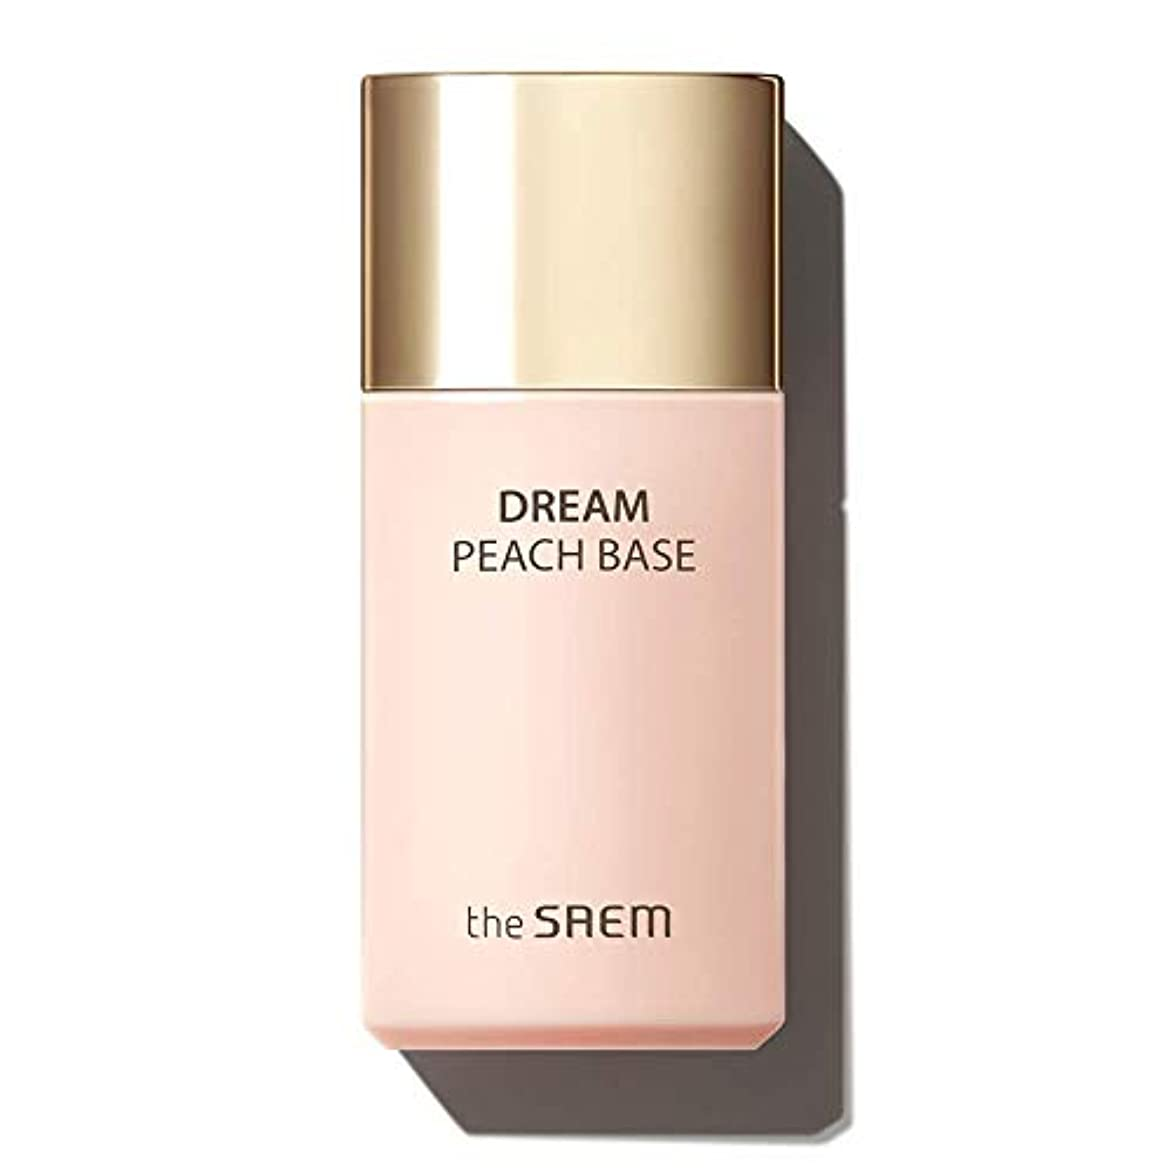 トムオードリース慢な用量ザセム ドリームピーチベース SPF44 PA++ / The SAEM Dream Peach Base 30ml [並行輸入品]